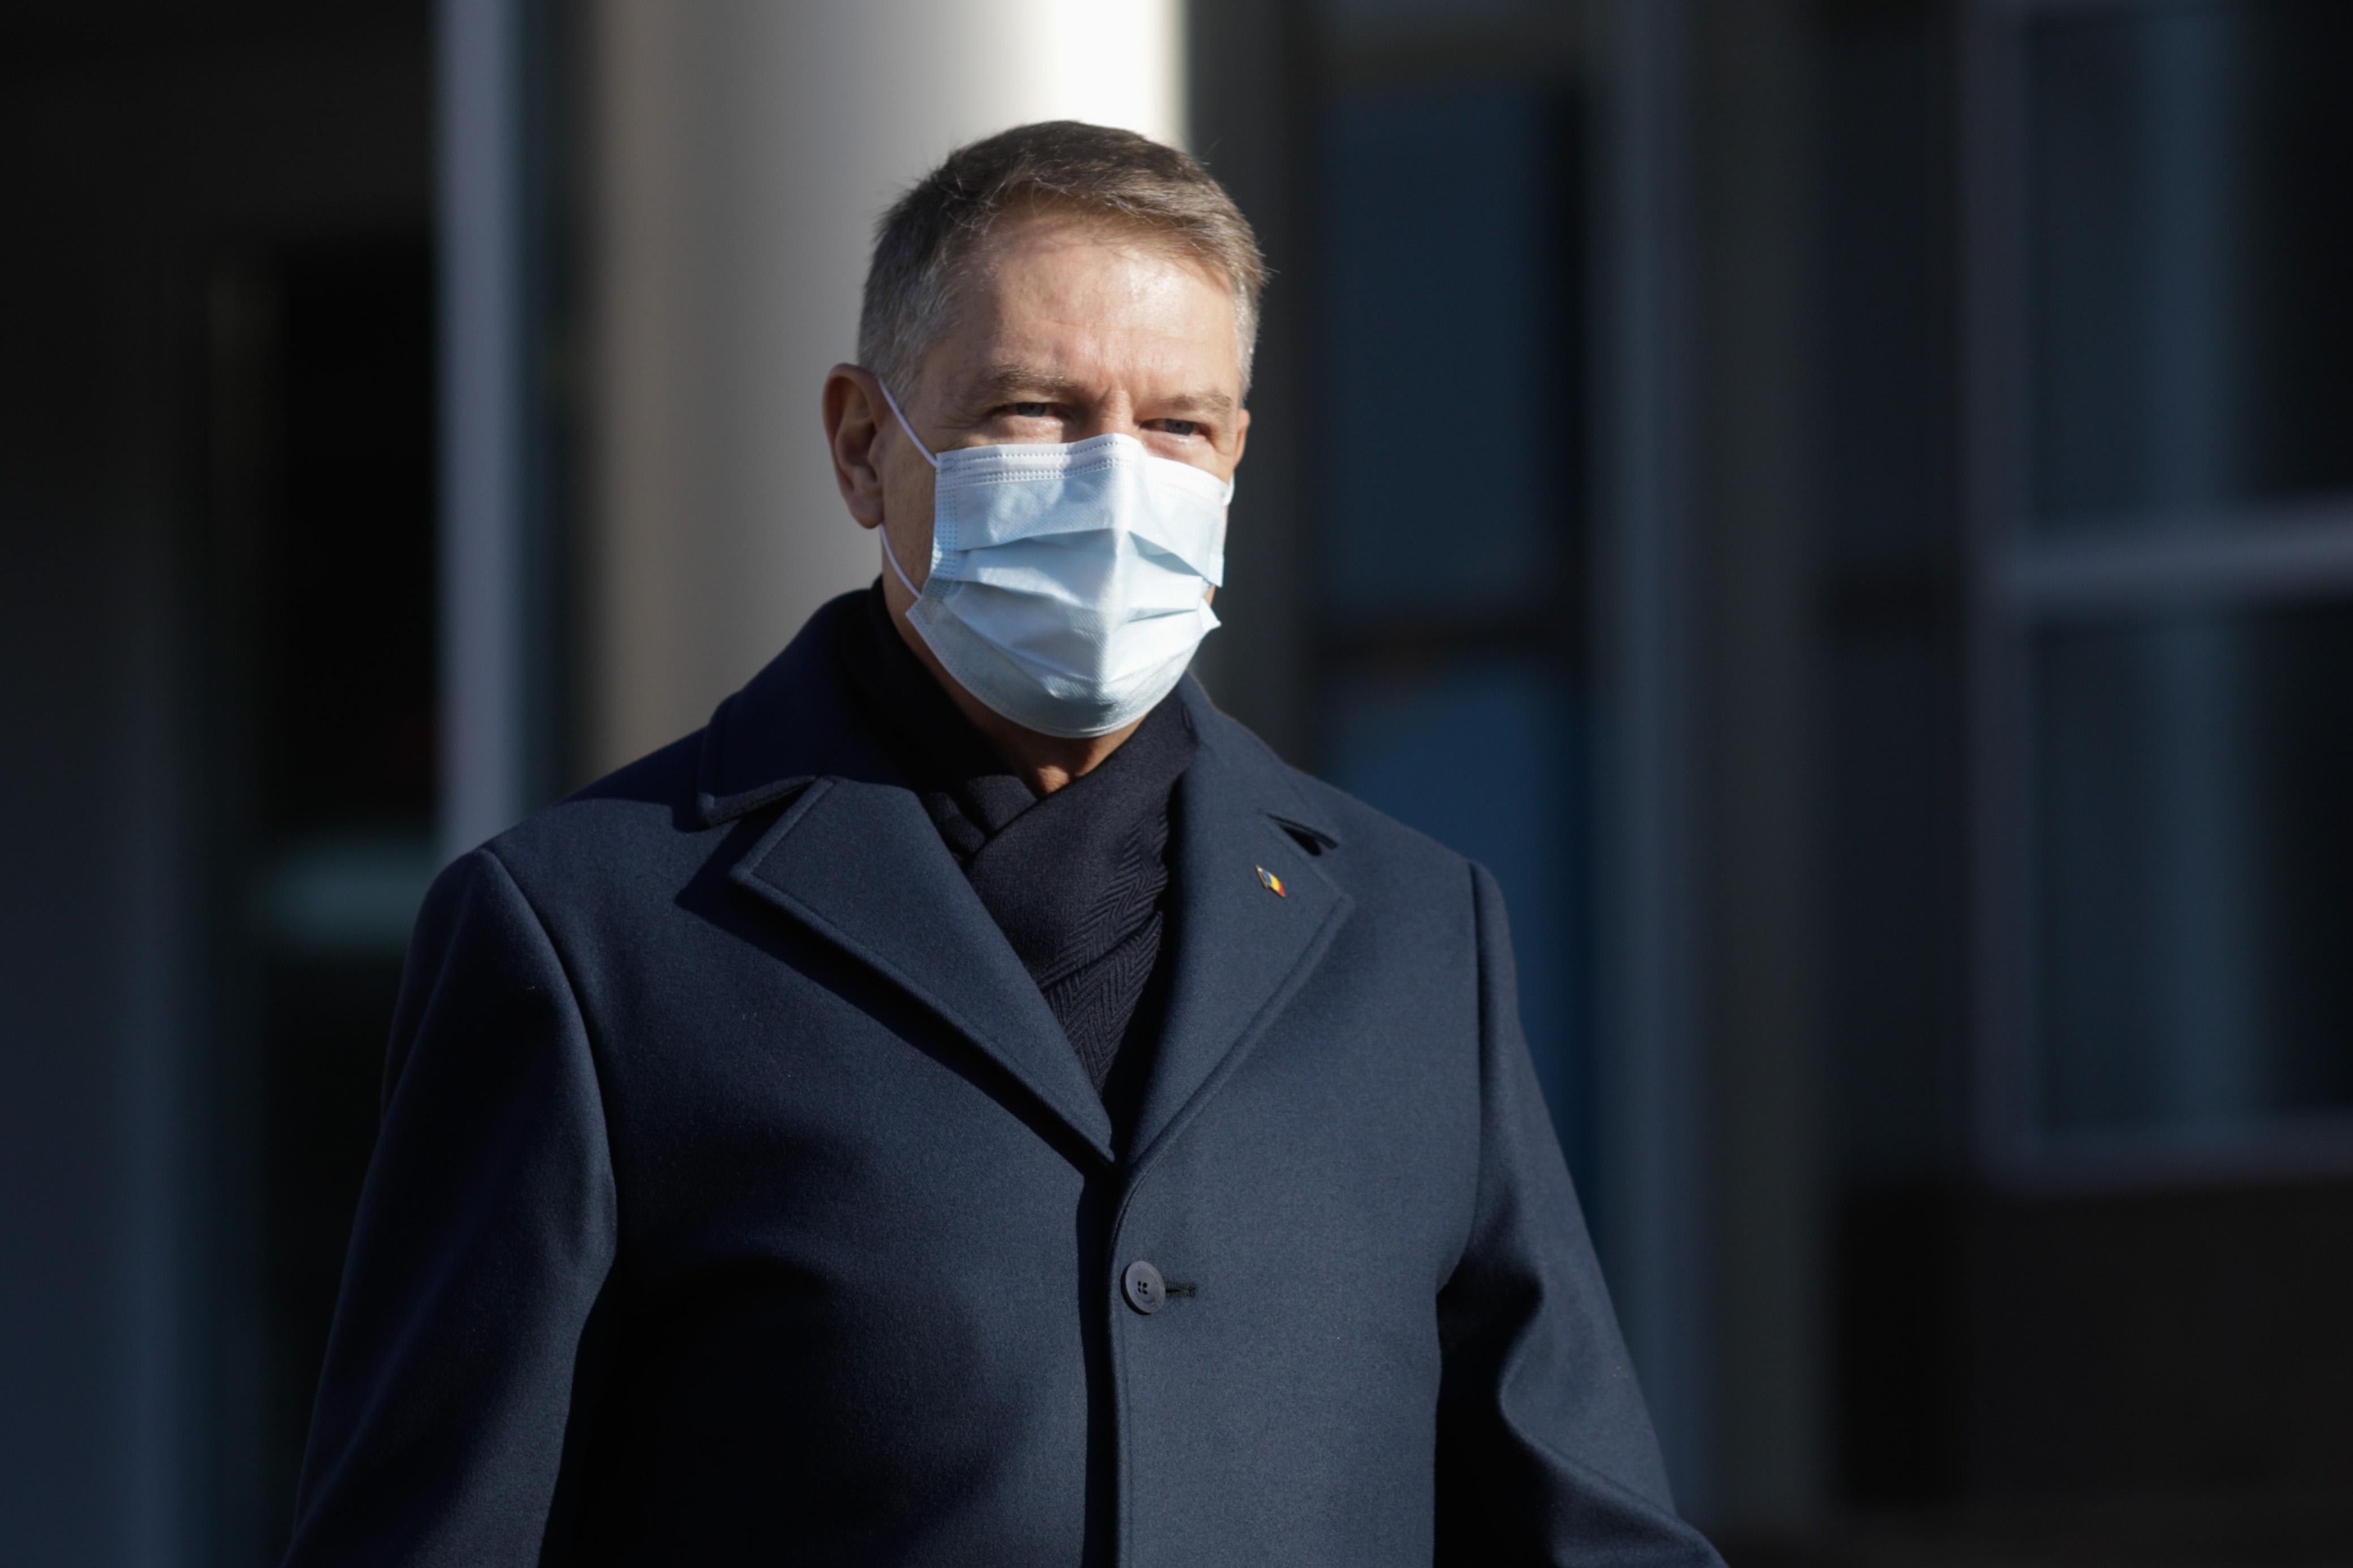 """Președintele Iohannis condamnă protestele violente: """"Intolerabile și complet de neacceptat"""""""